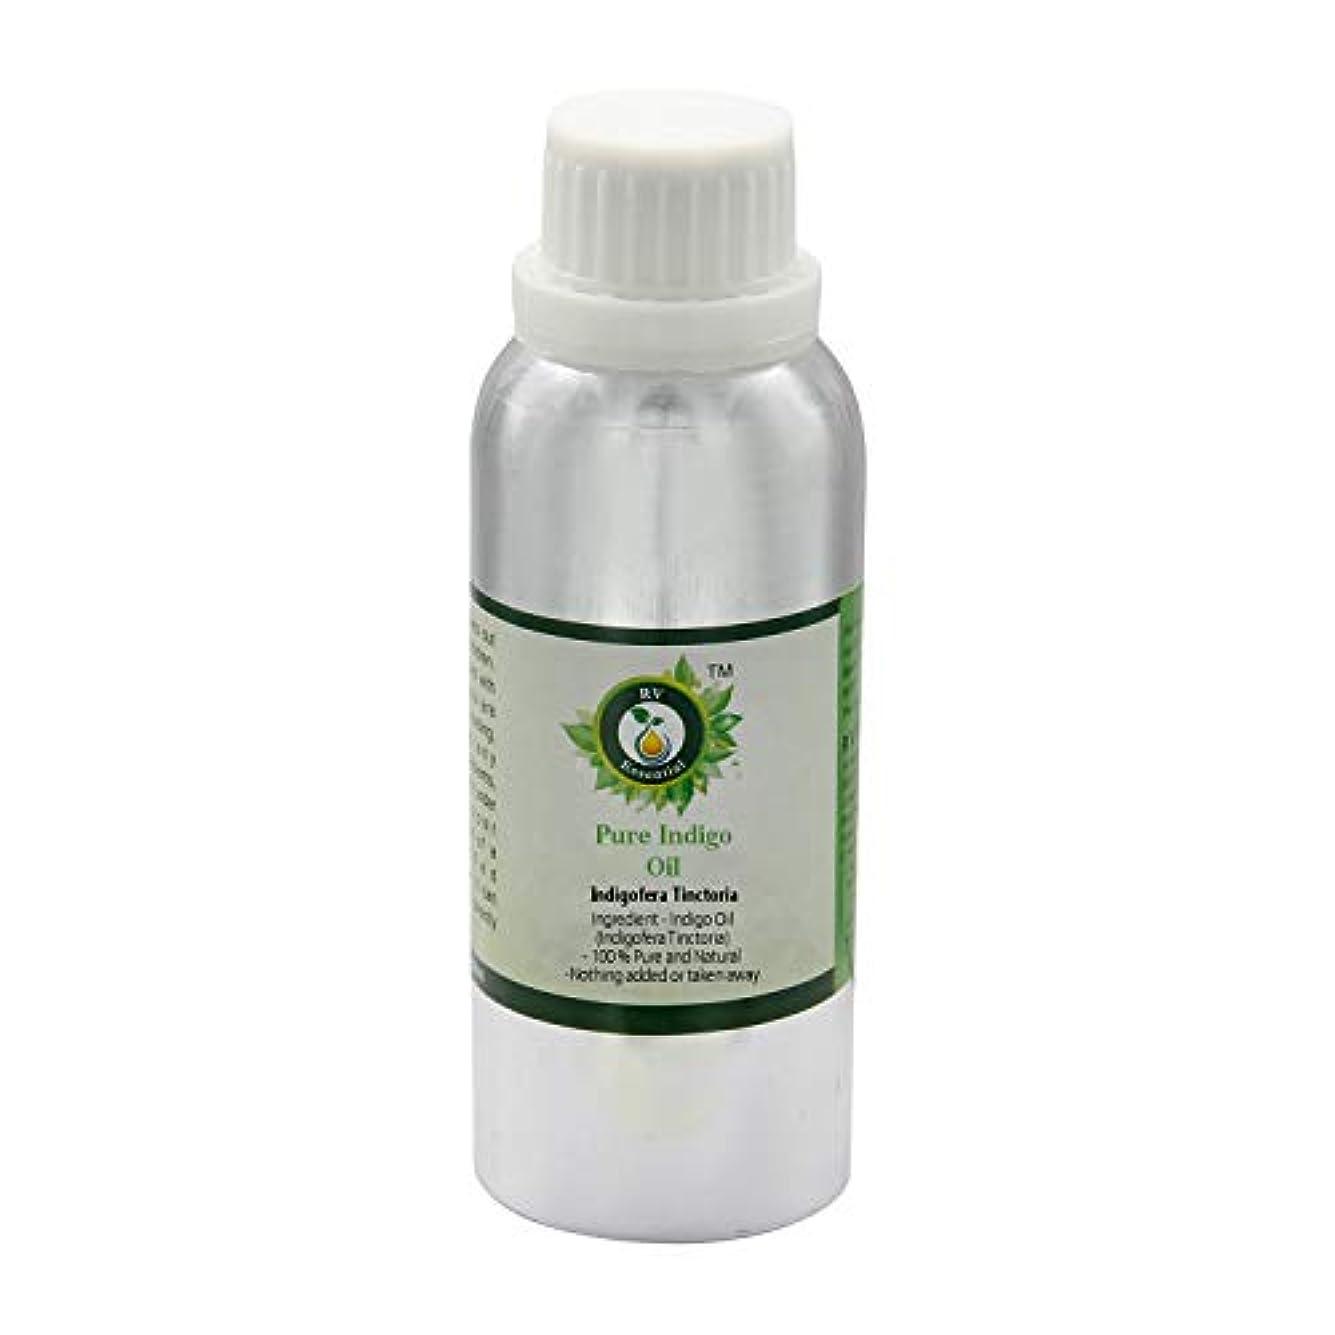 中国とげのあるかんたんピュアインディゴオイル630ml (21oz)- Indigofera Tinctoria (100%純粋でナチュラル) Pure Indigo Oil